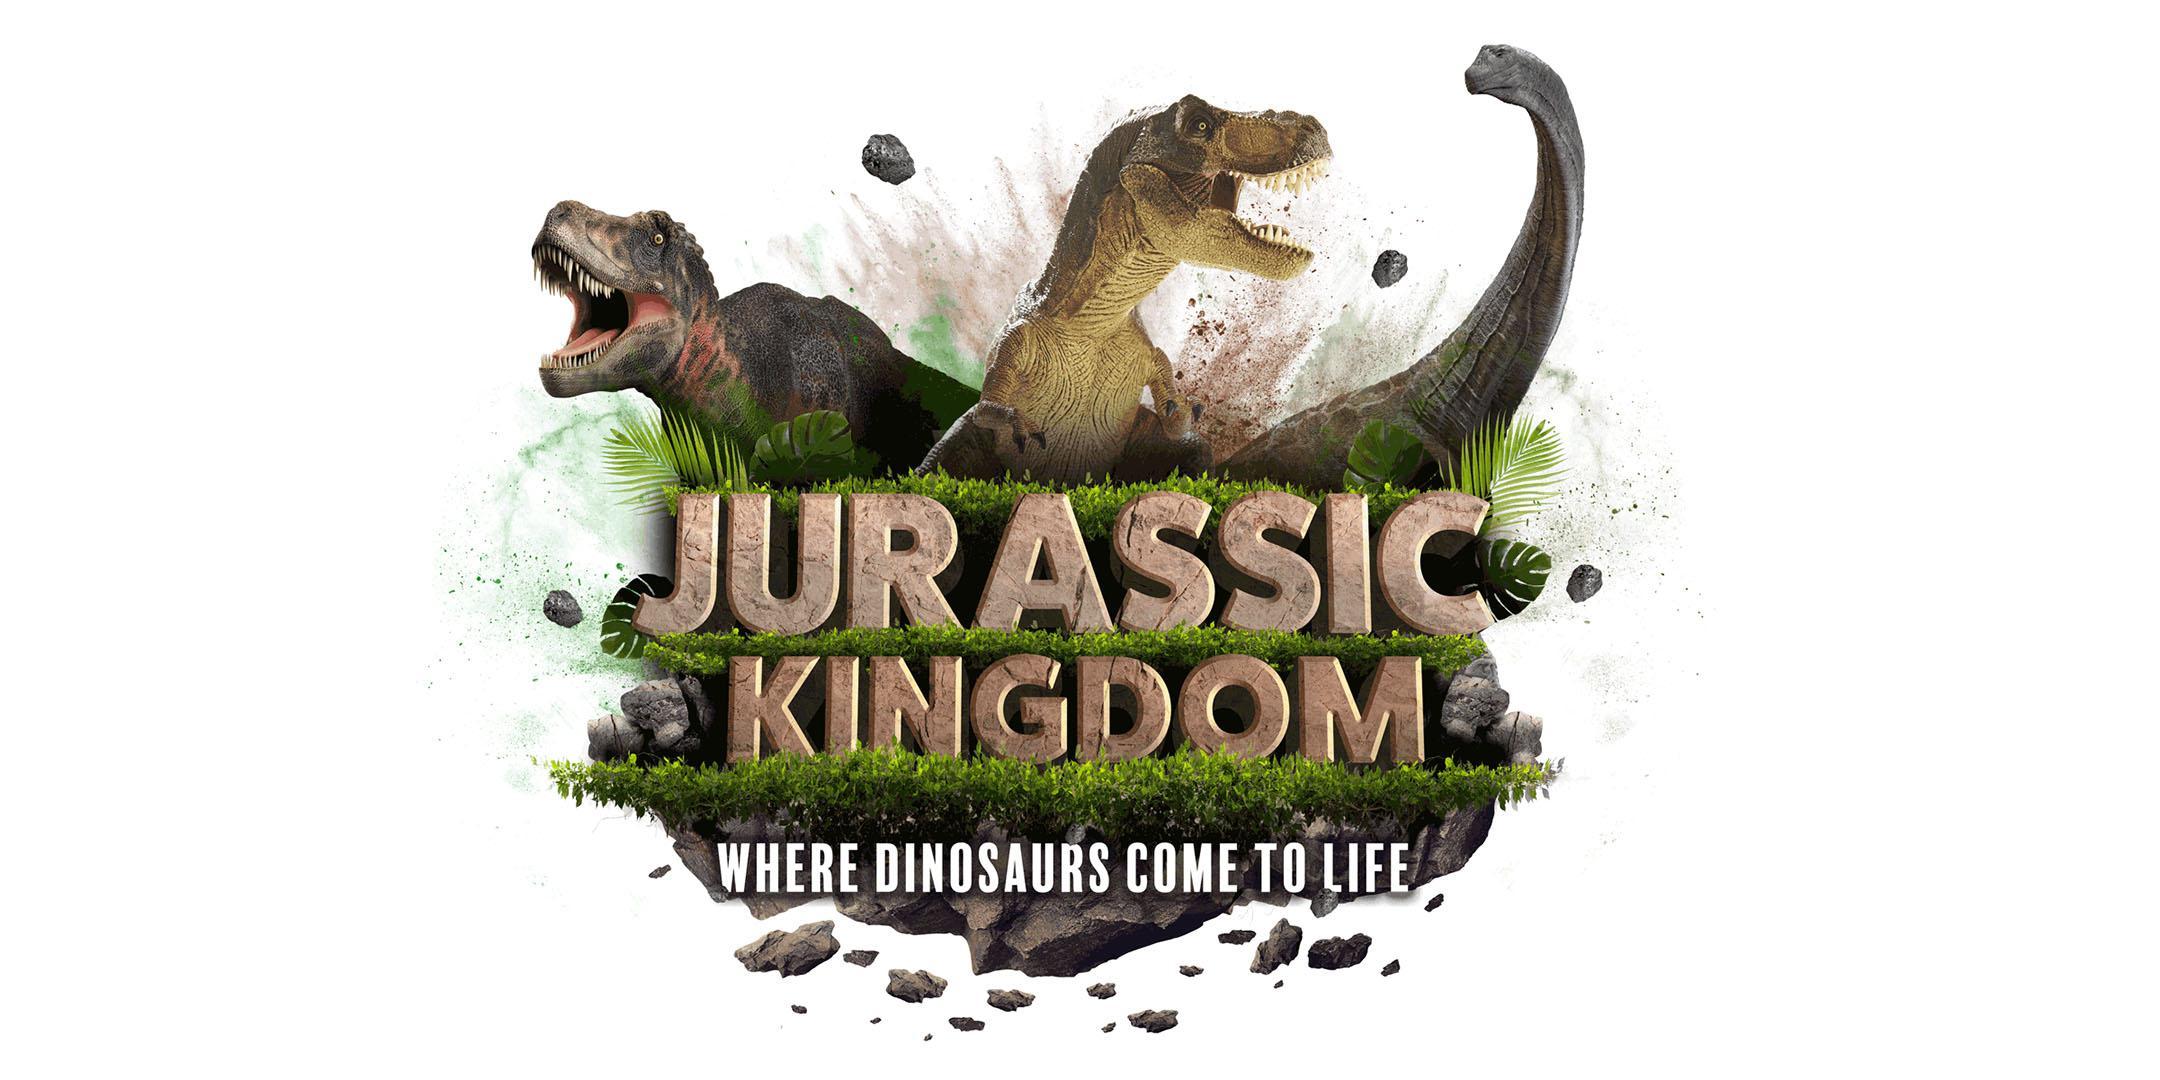 Jurassic Kingdom Tour Glasgow